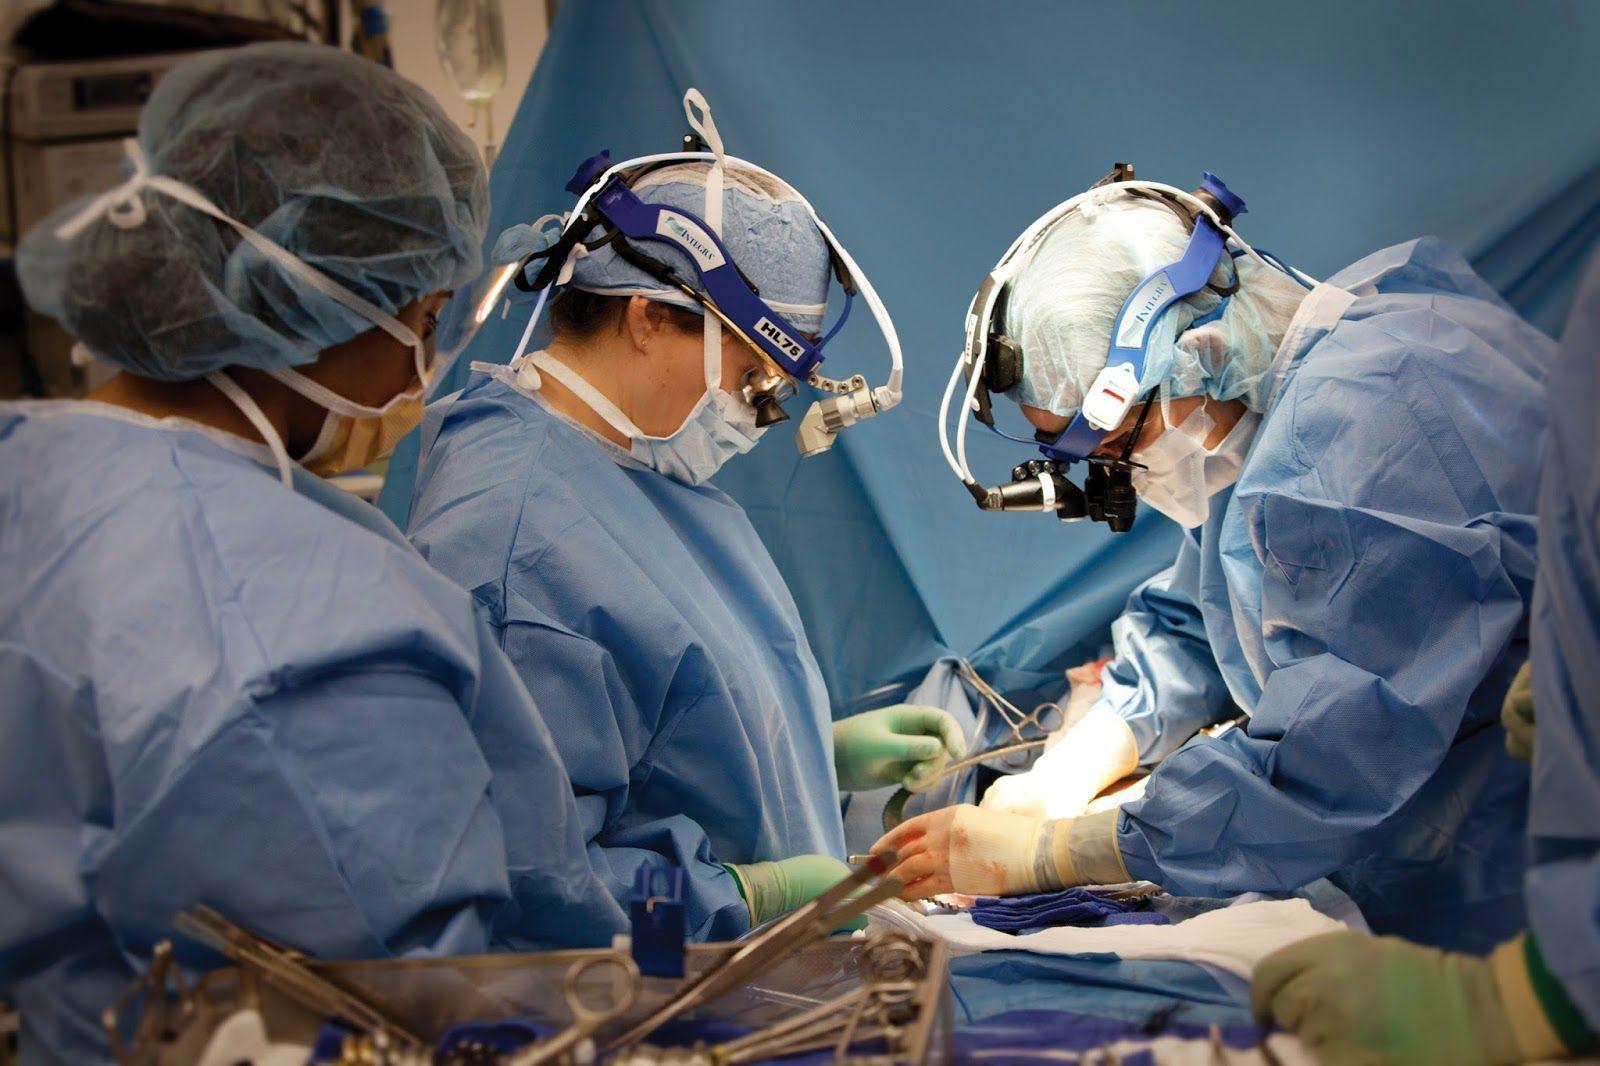 Médicos y cirujanos